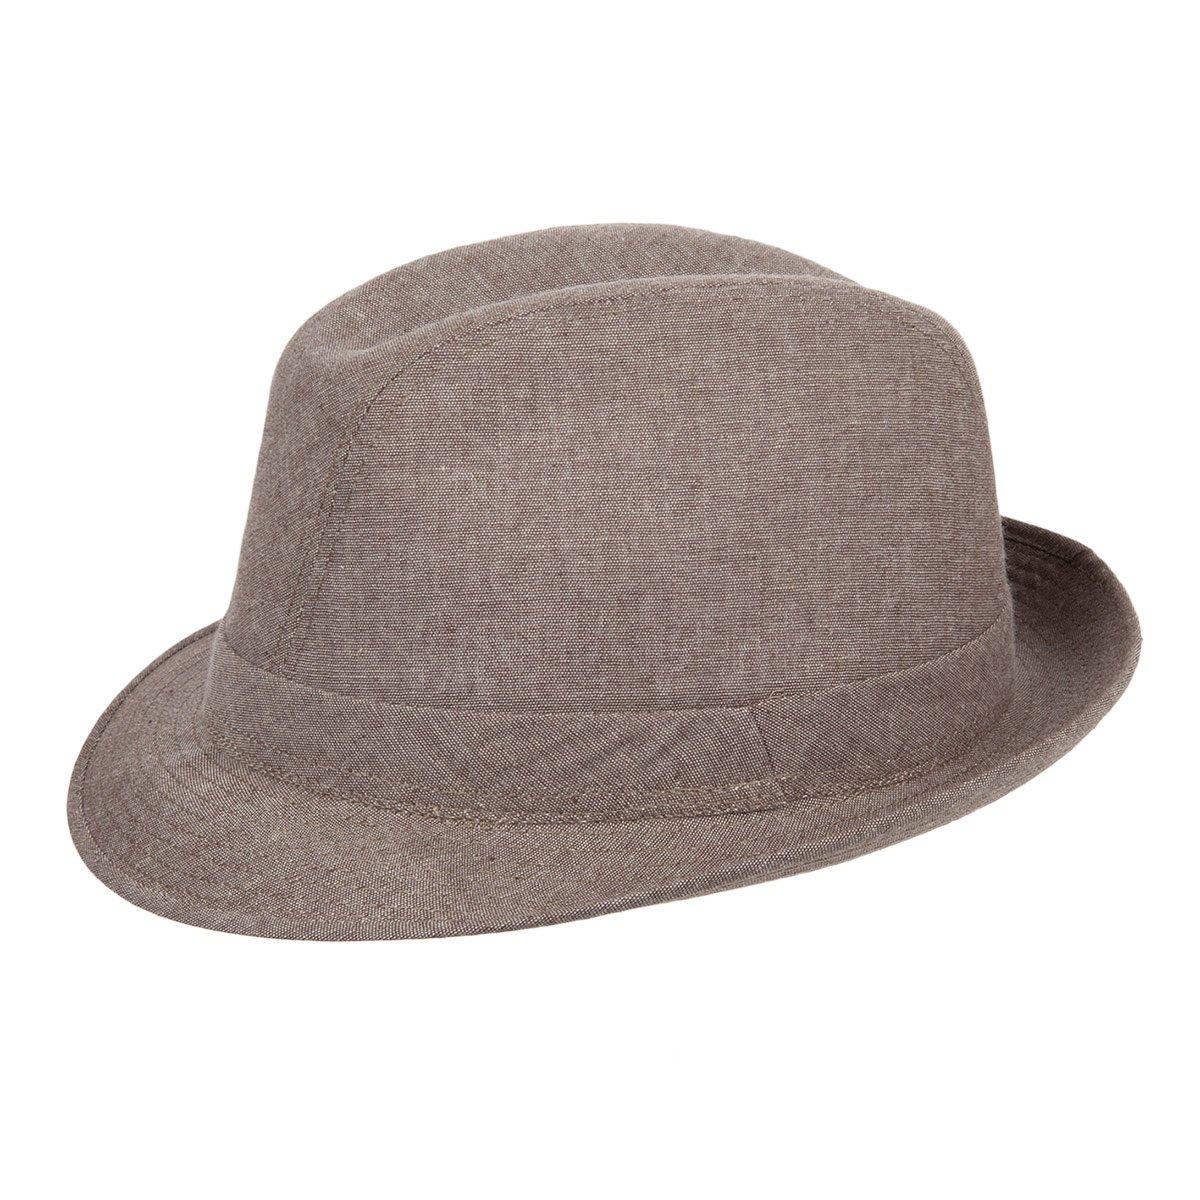 cappello trilby in puro cotone ... 333ee9991b45